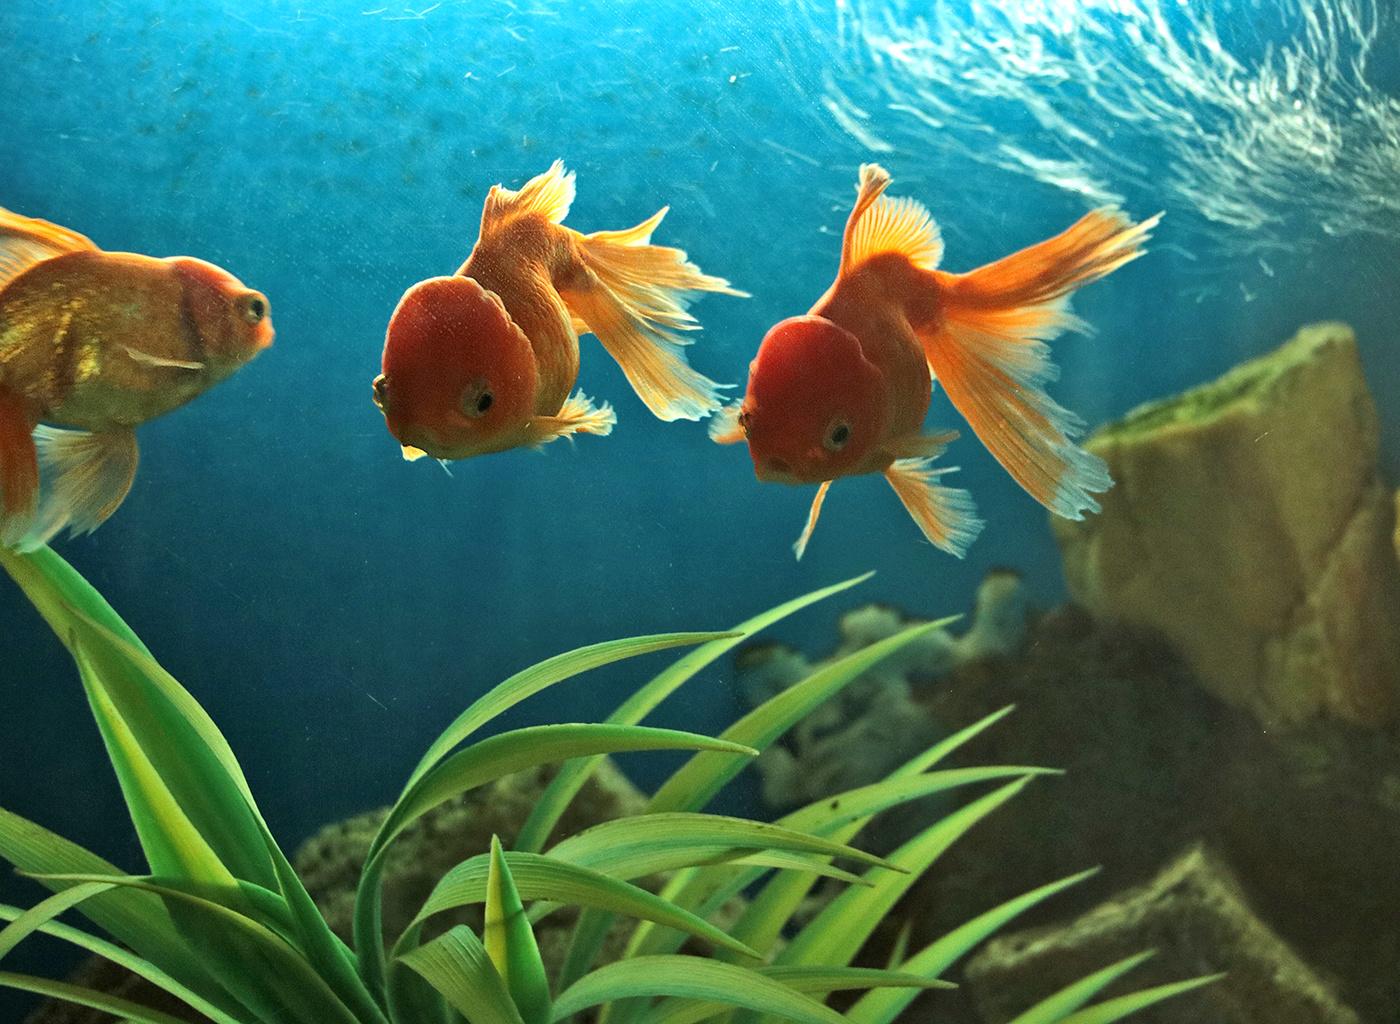 жаргонизмы, нецензурщину как фотографировать аквариумных рыб этого